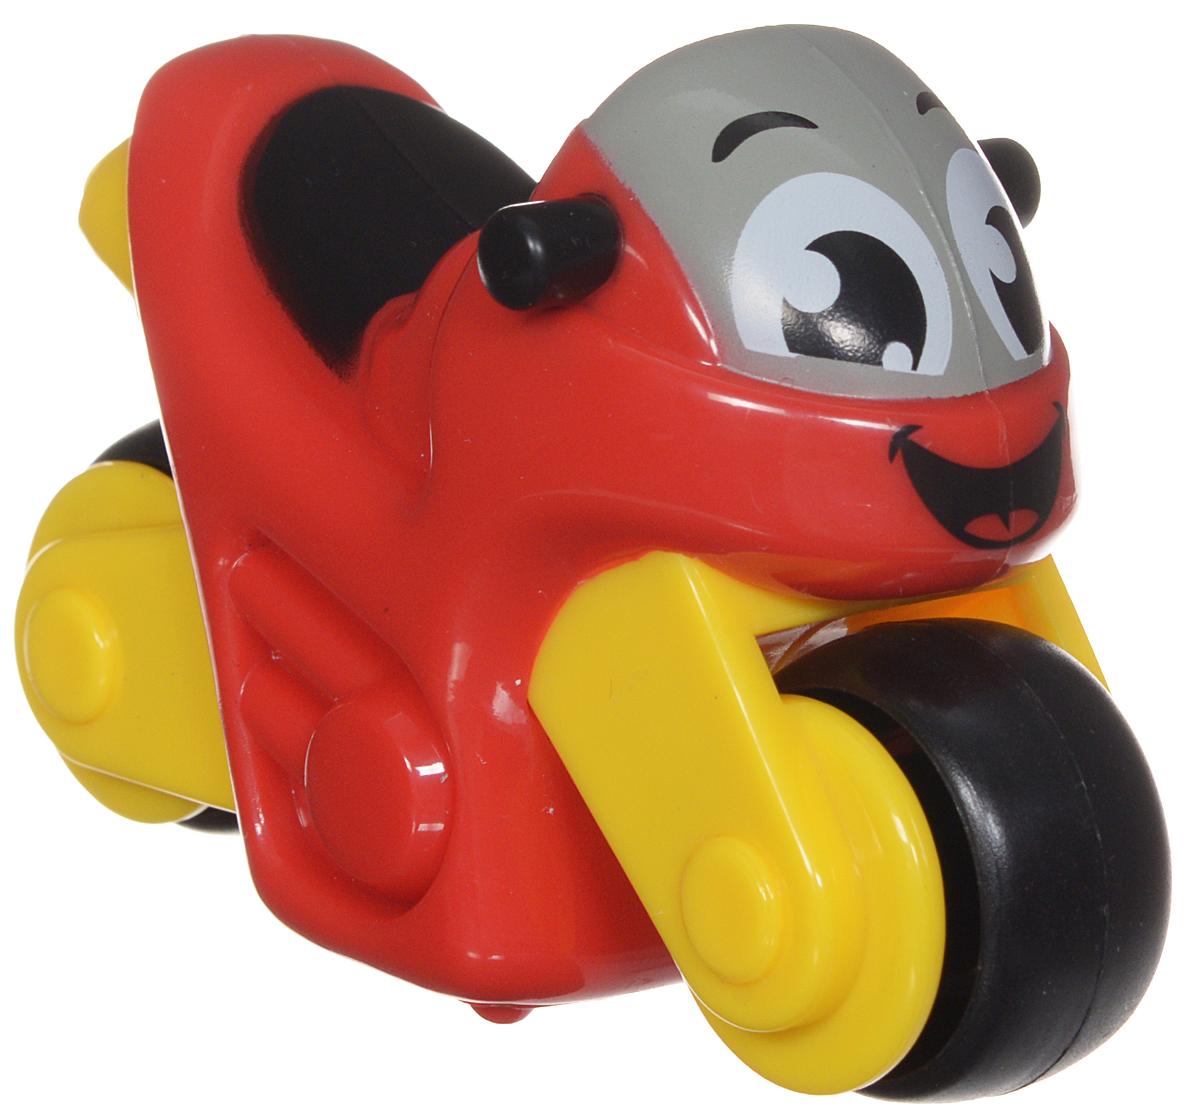 Smoby Мотоцикл Vroom Planet211280Мотоцикл Smoby Vroom Planet непременно привлечет внимание вашего ребенка. Игрушка выполнена из абсолютно безопасного для малыша высококачественного пластика. Игрушка яркой расцветки с большими колесами и нарисованными глазками и улыбкой. Колеса мотоцикла крутятся, поэтому он легко катается по ровной поверхности. Игра с яркой игрушкой помогает развивать мелкую моторику, цветовое восприятие, координацию движений, а также являются хорошим средством для развлечения ребенка. Порадуйте своего малыша таким замечательным подарком.